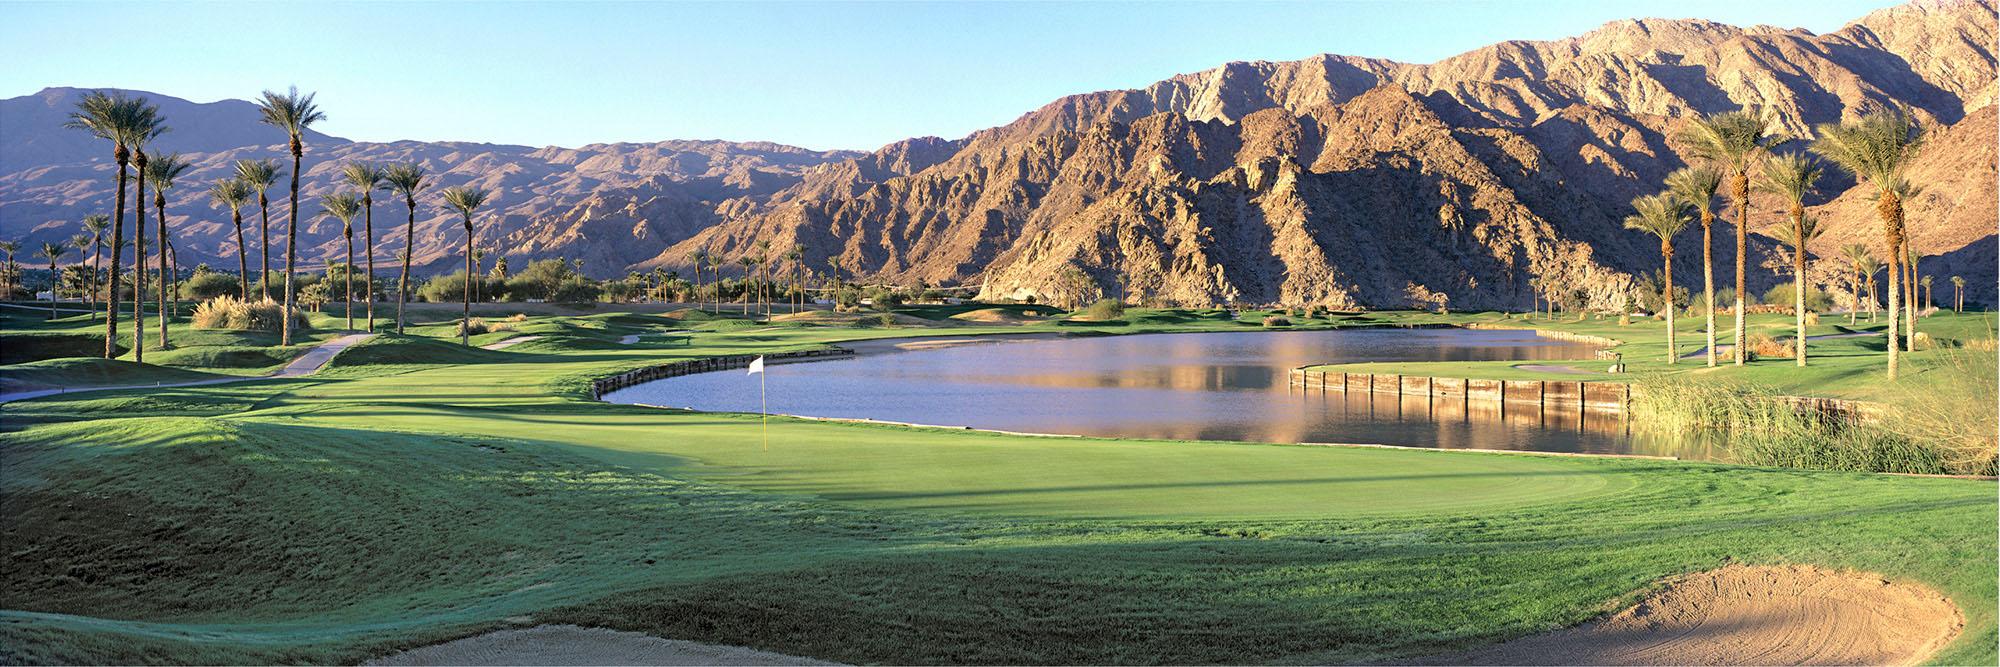 Golf Course Image - La Quinta No. 17